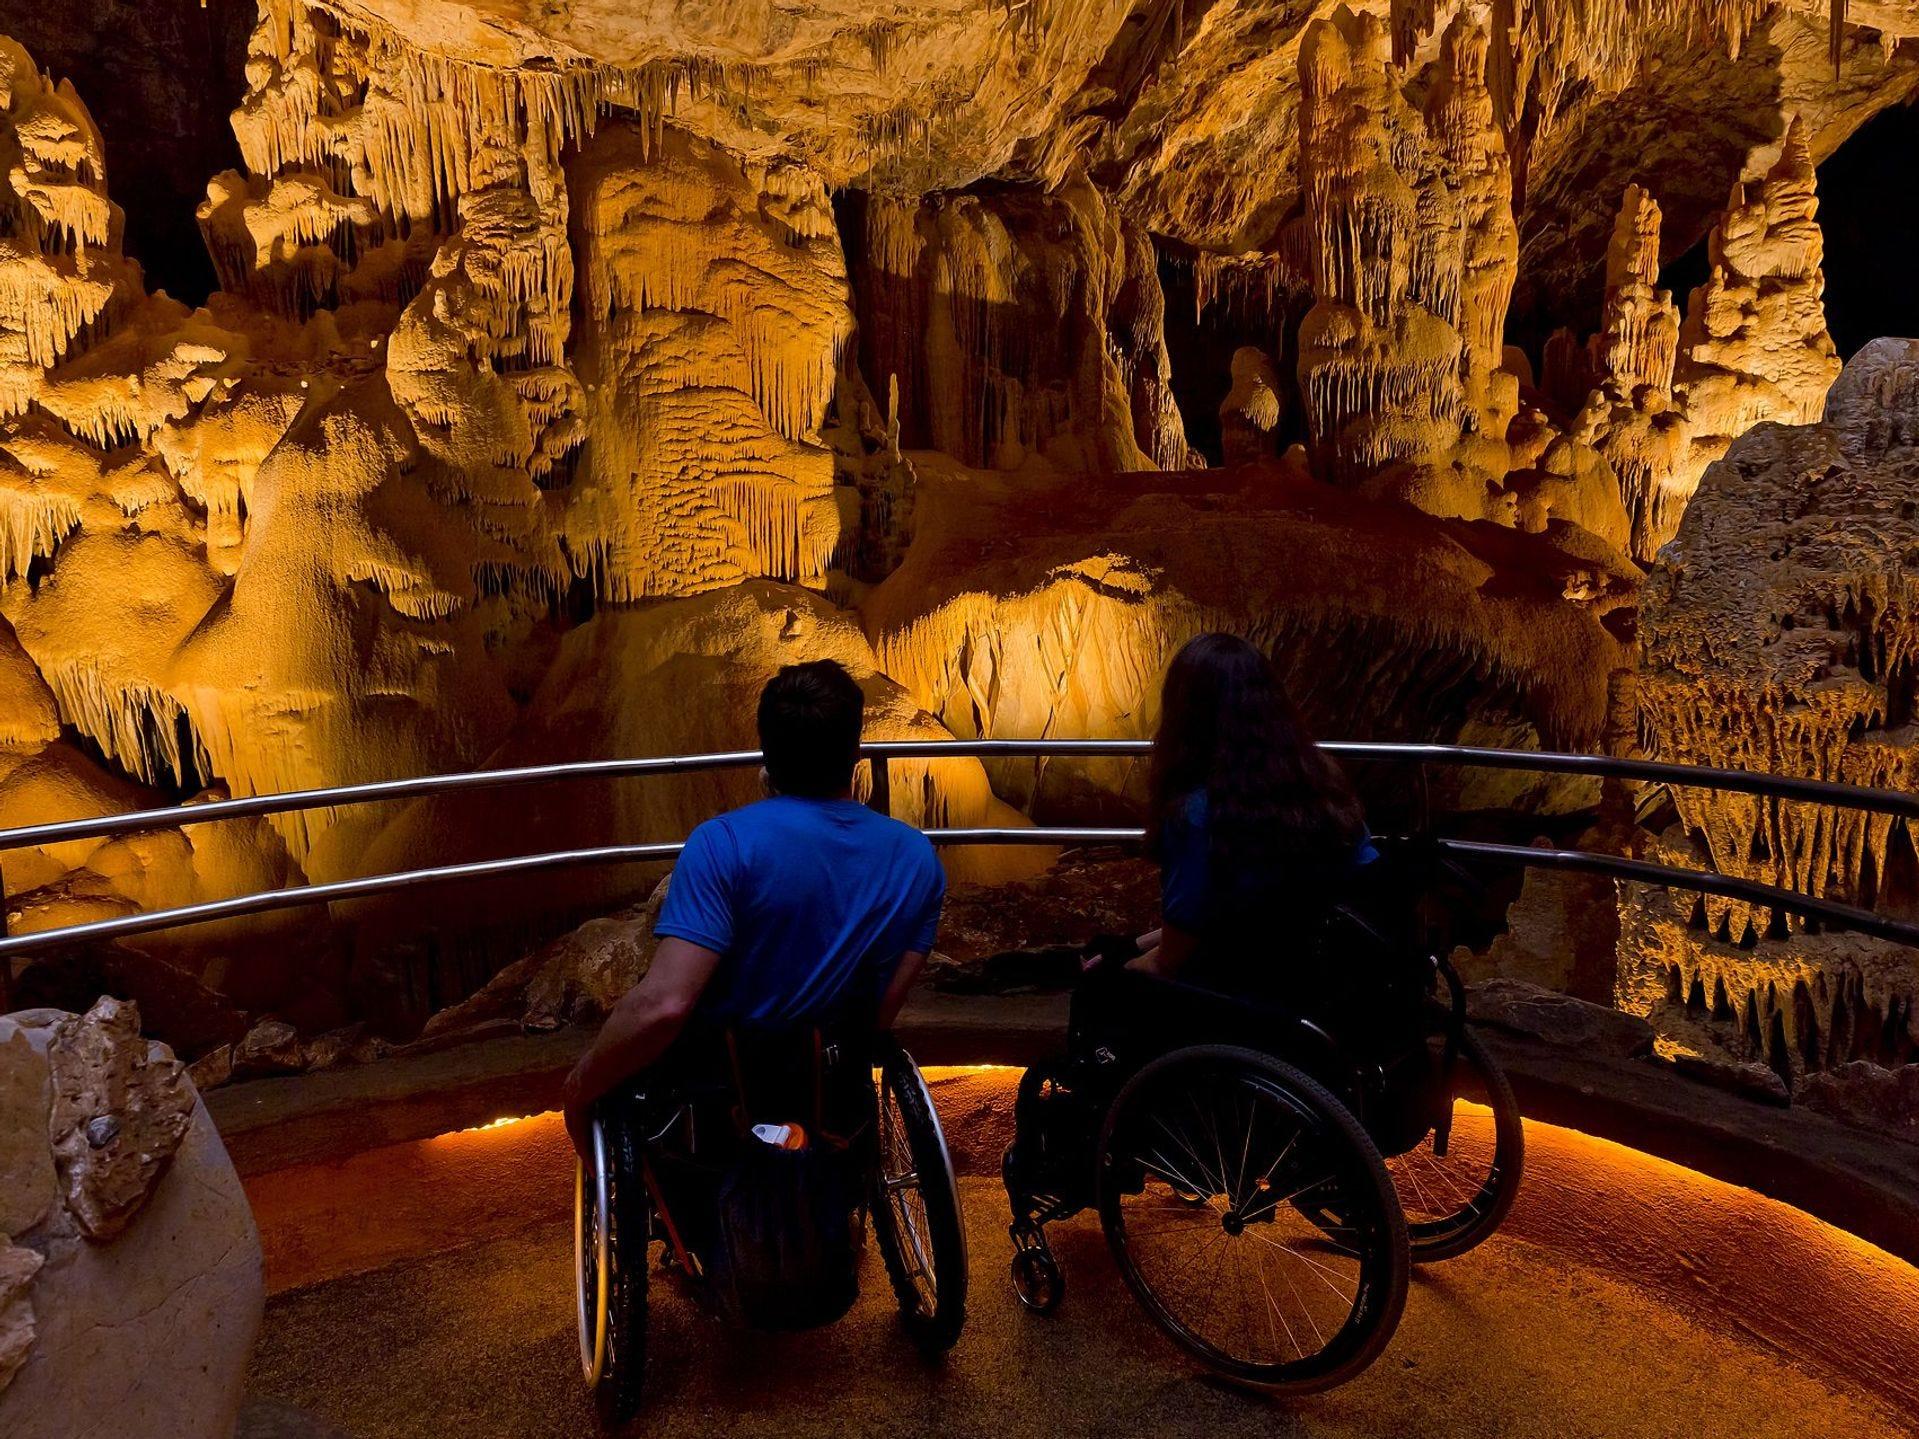 El camino pavimentado a través de las cavernas de Kartchner es accesible en silla de ruedas.